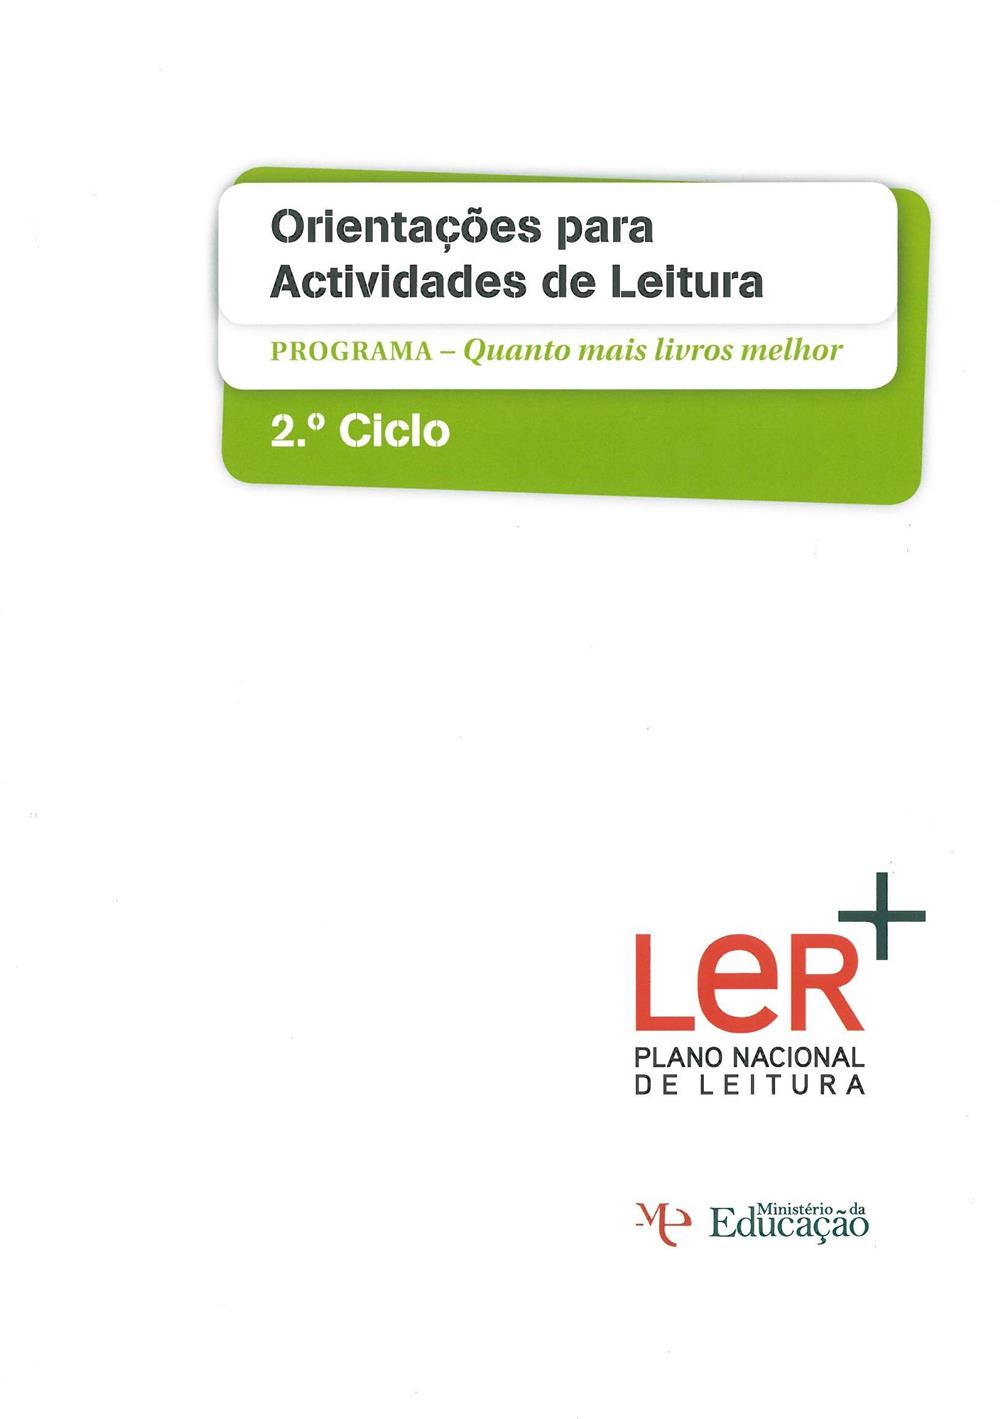 Orientações para actividades de leitura_2.º ciclo.jpg